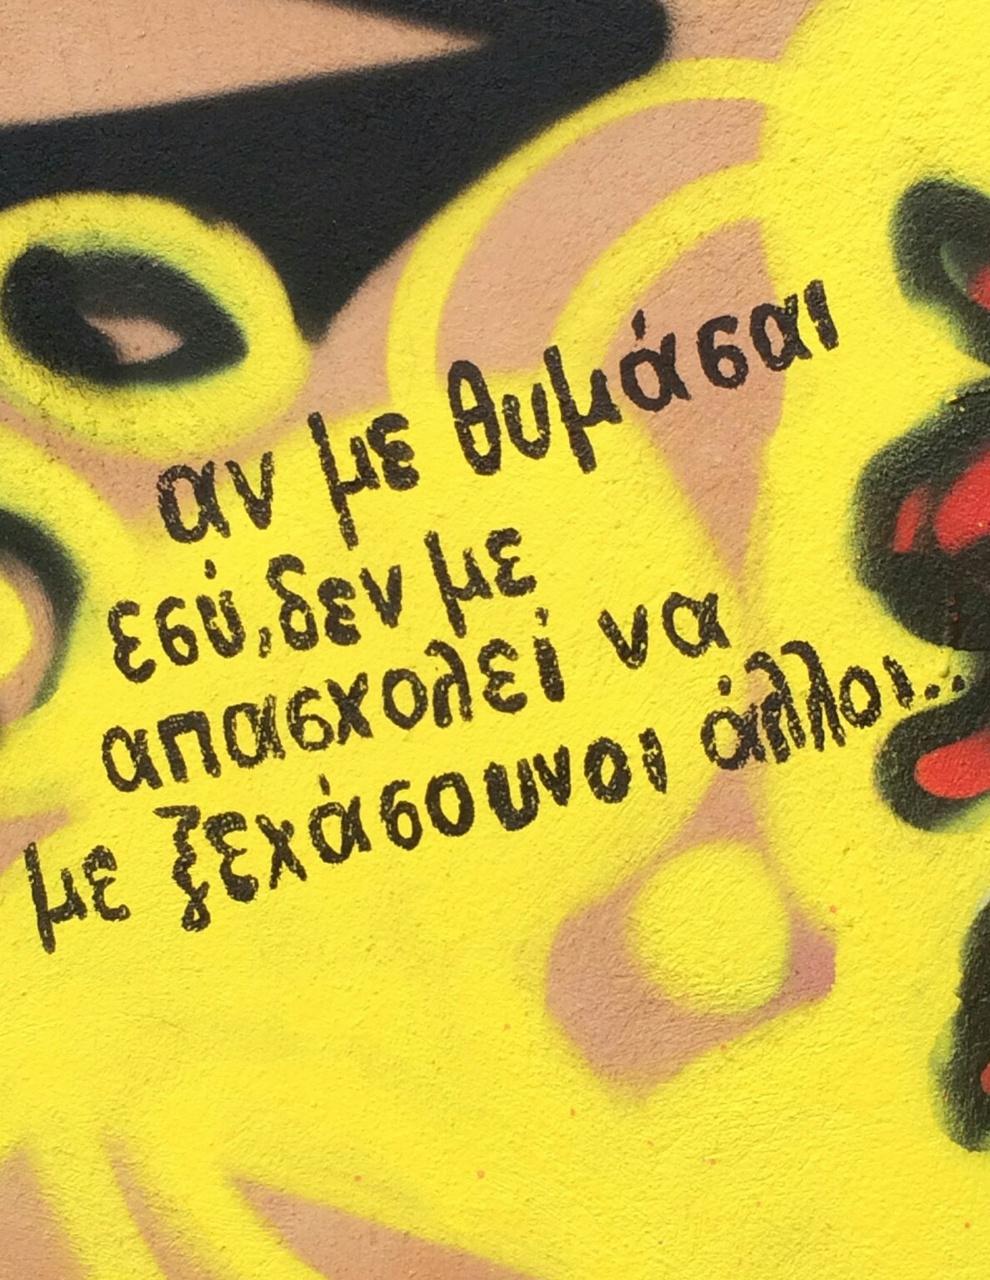 greek quotes and ελλήνικα image